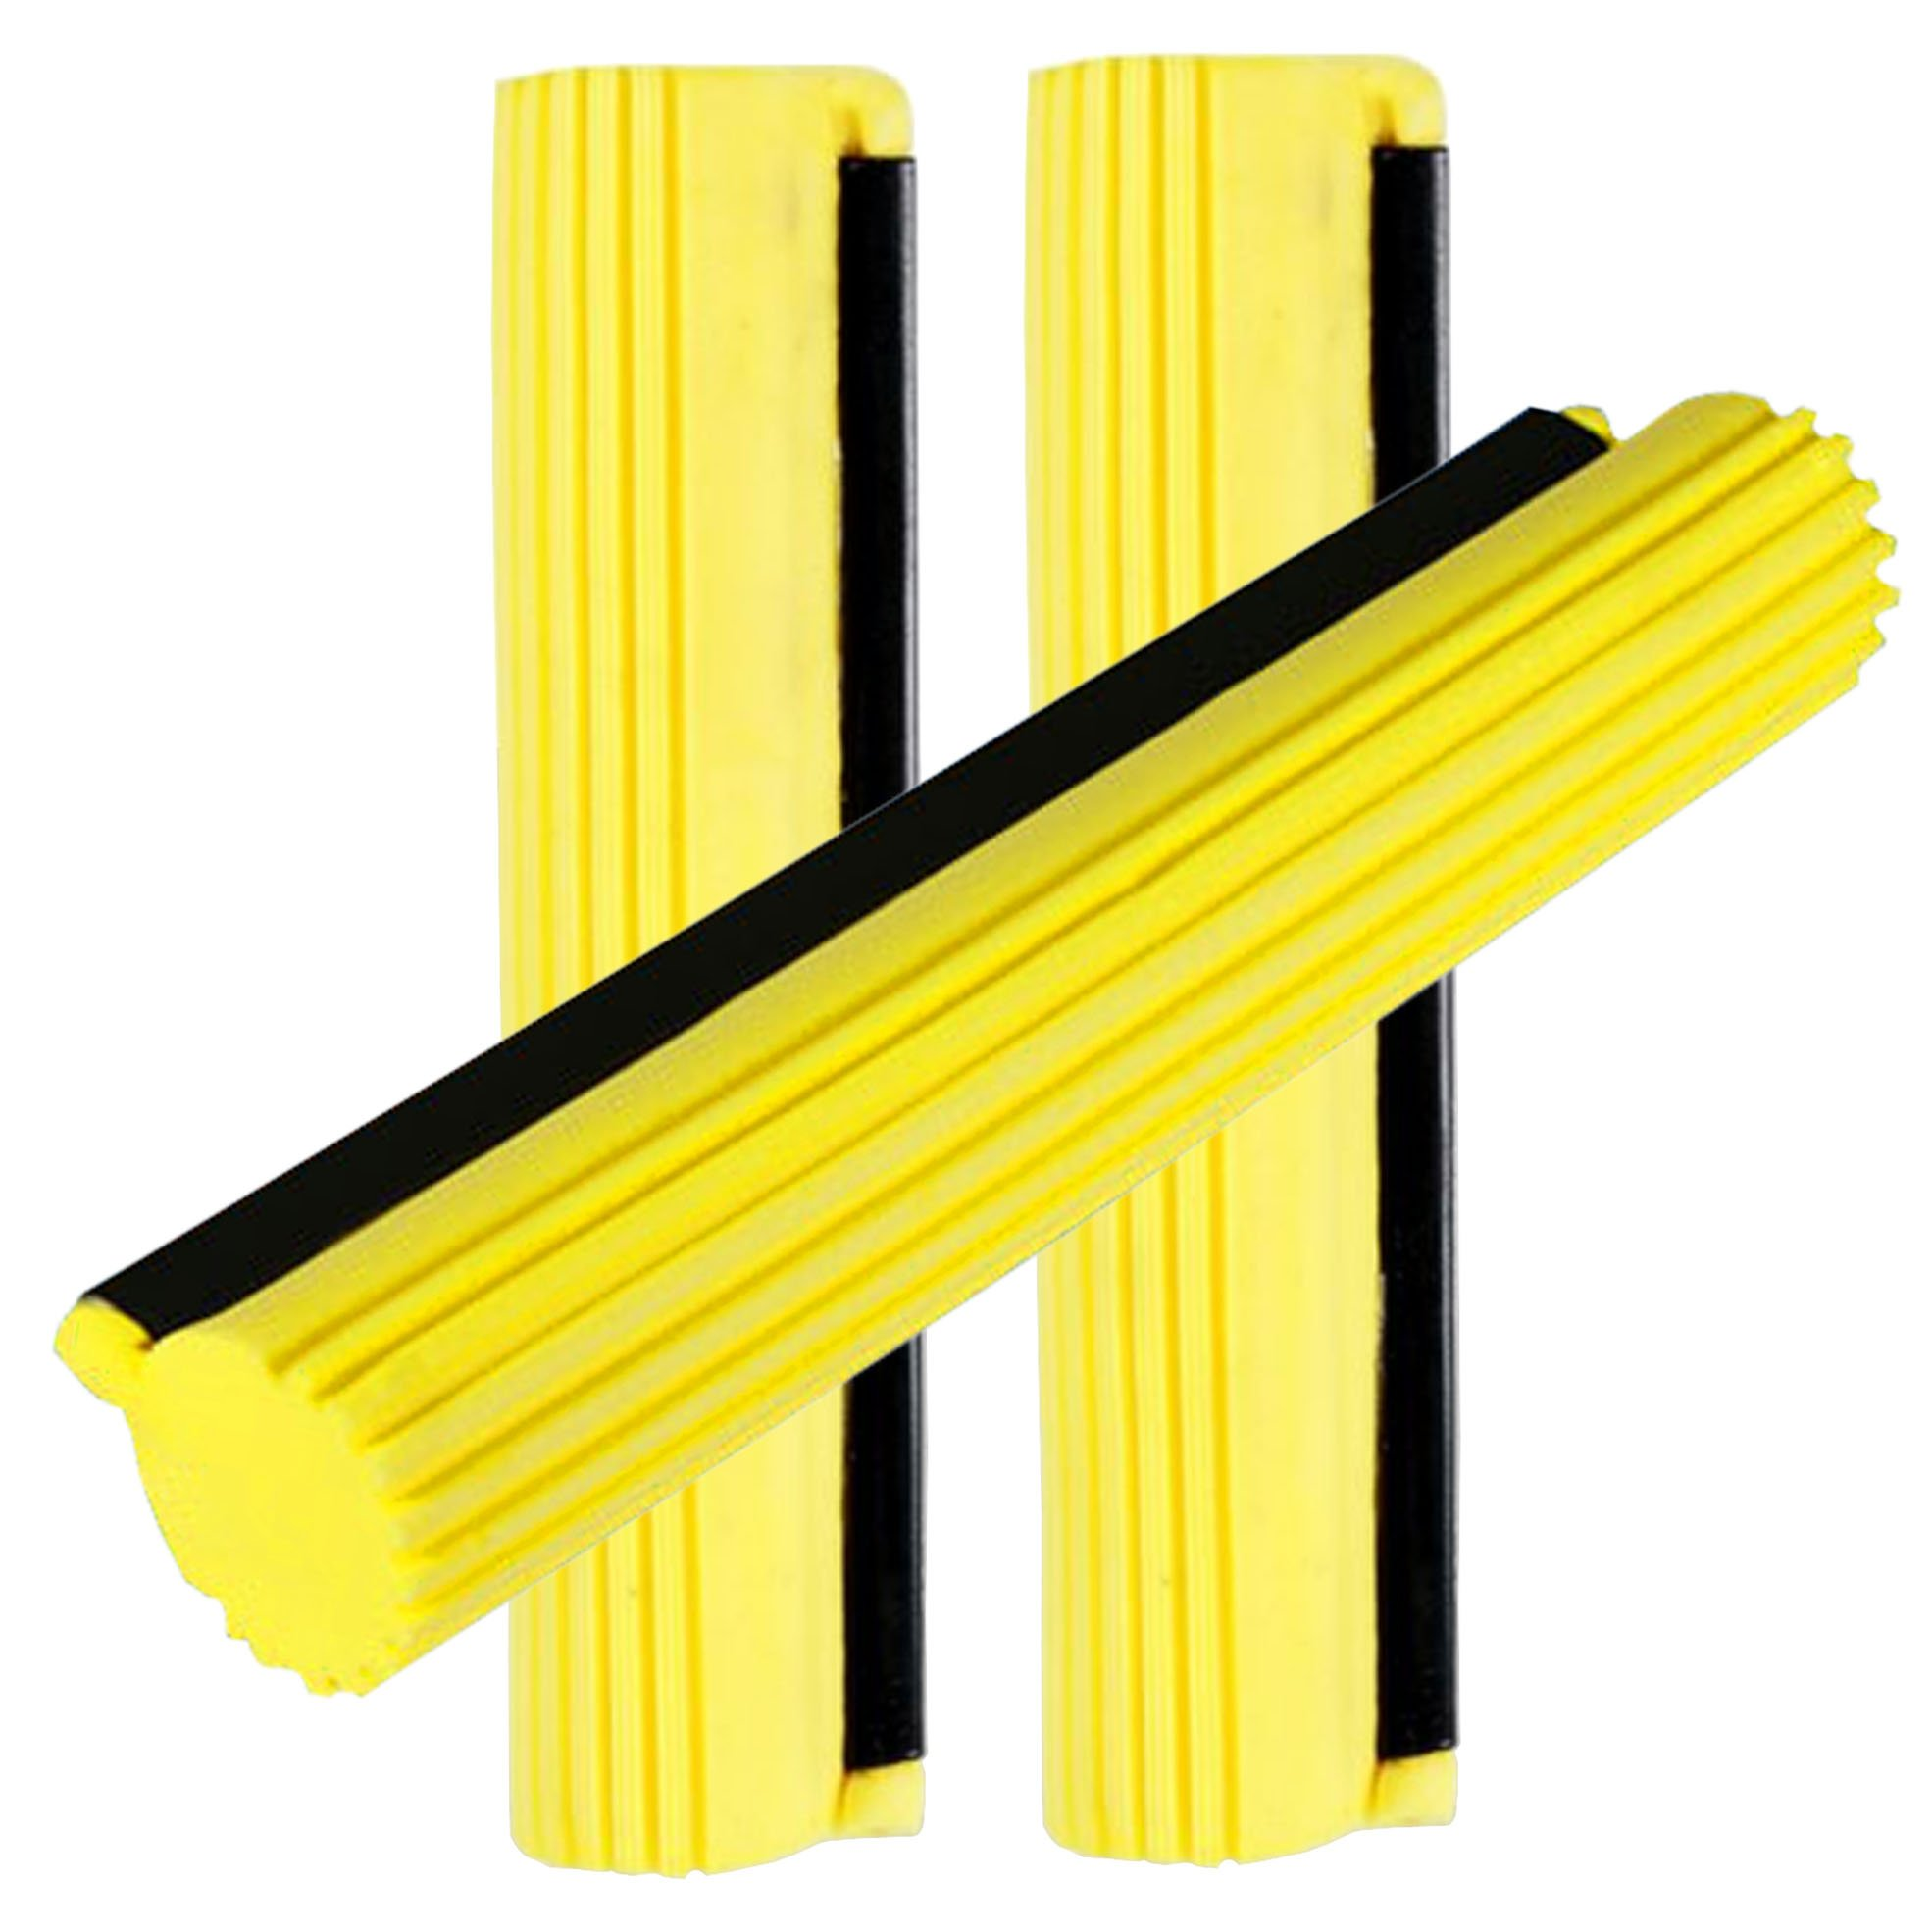 Sponge Roller Mop Head Refills,Pack of 3 Absorbent Sponge Pads Replacement,33cm-Yellow